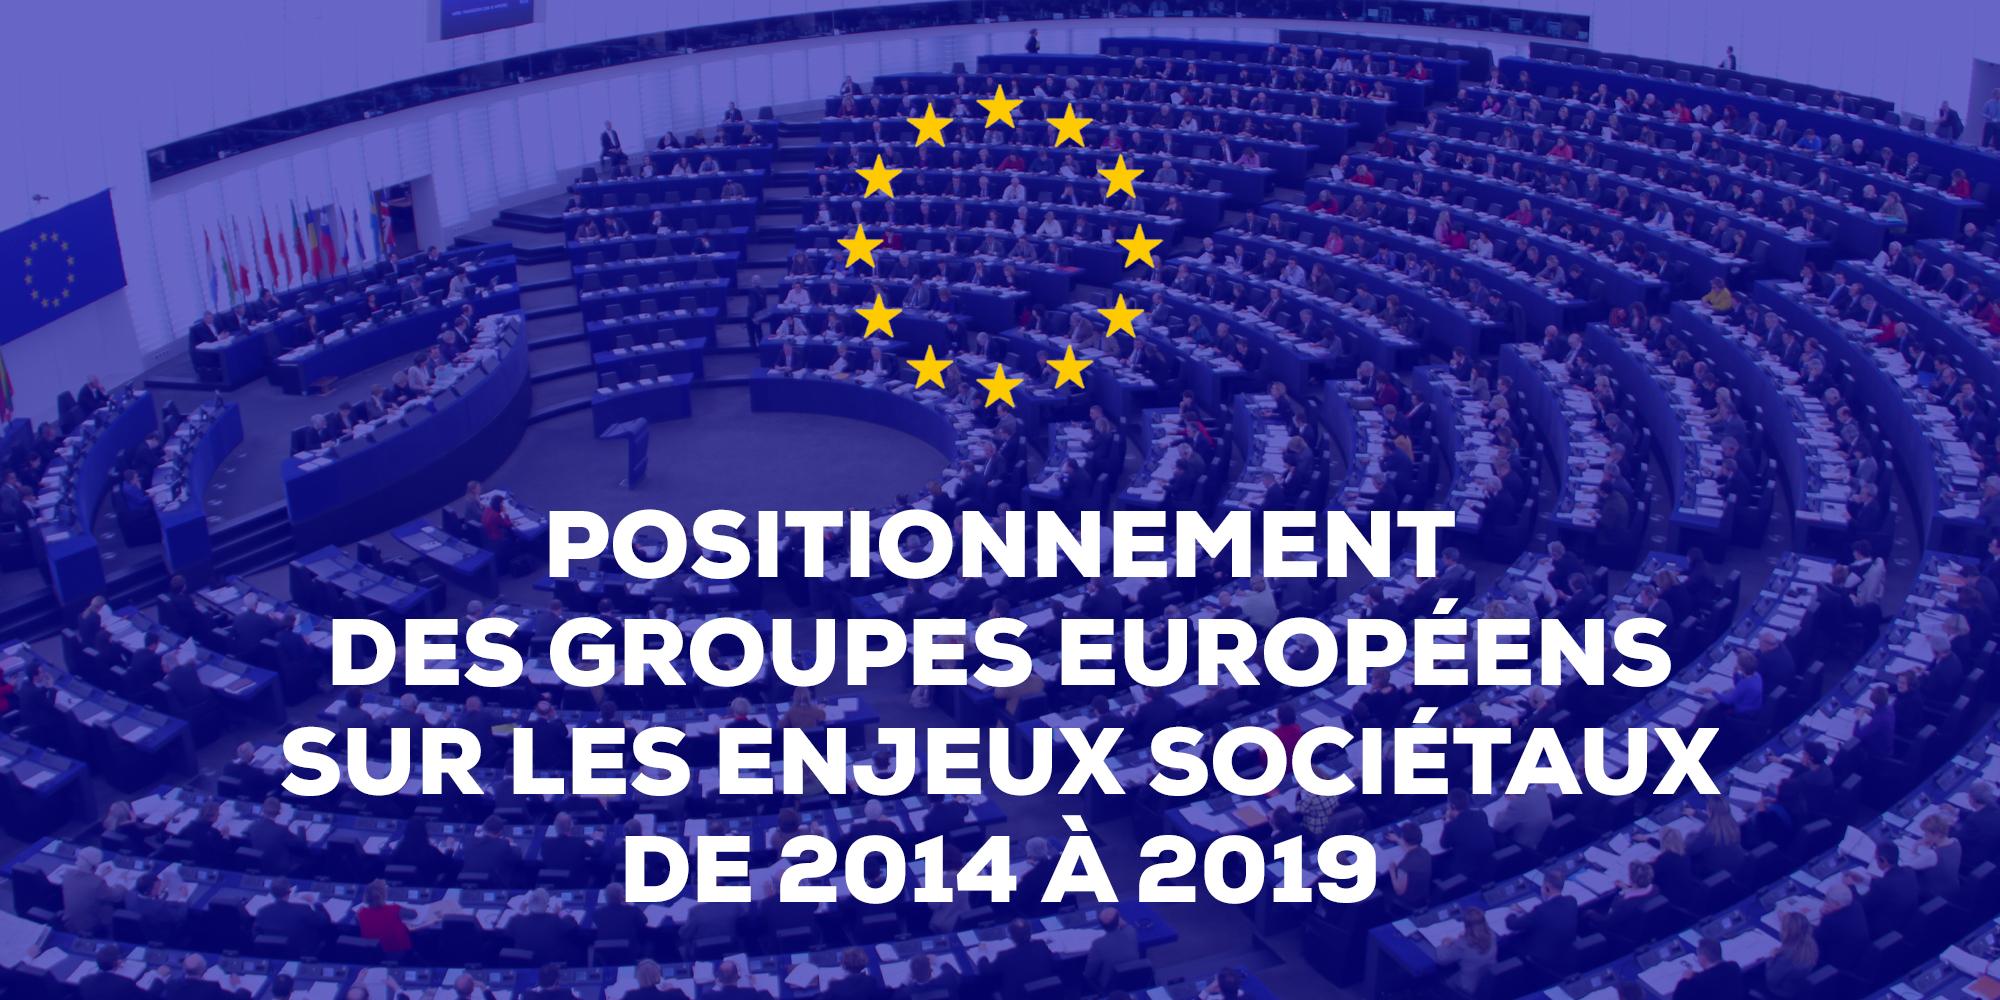 Image - Positionnement des groupes européens sur les enjeux sociétaux de 2014 à 2019